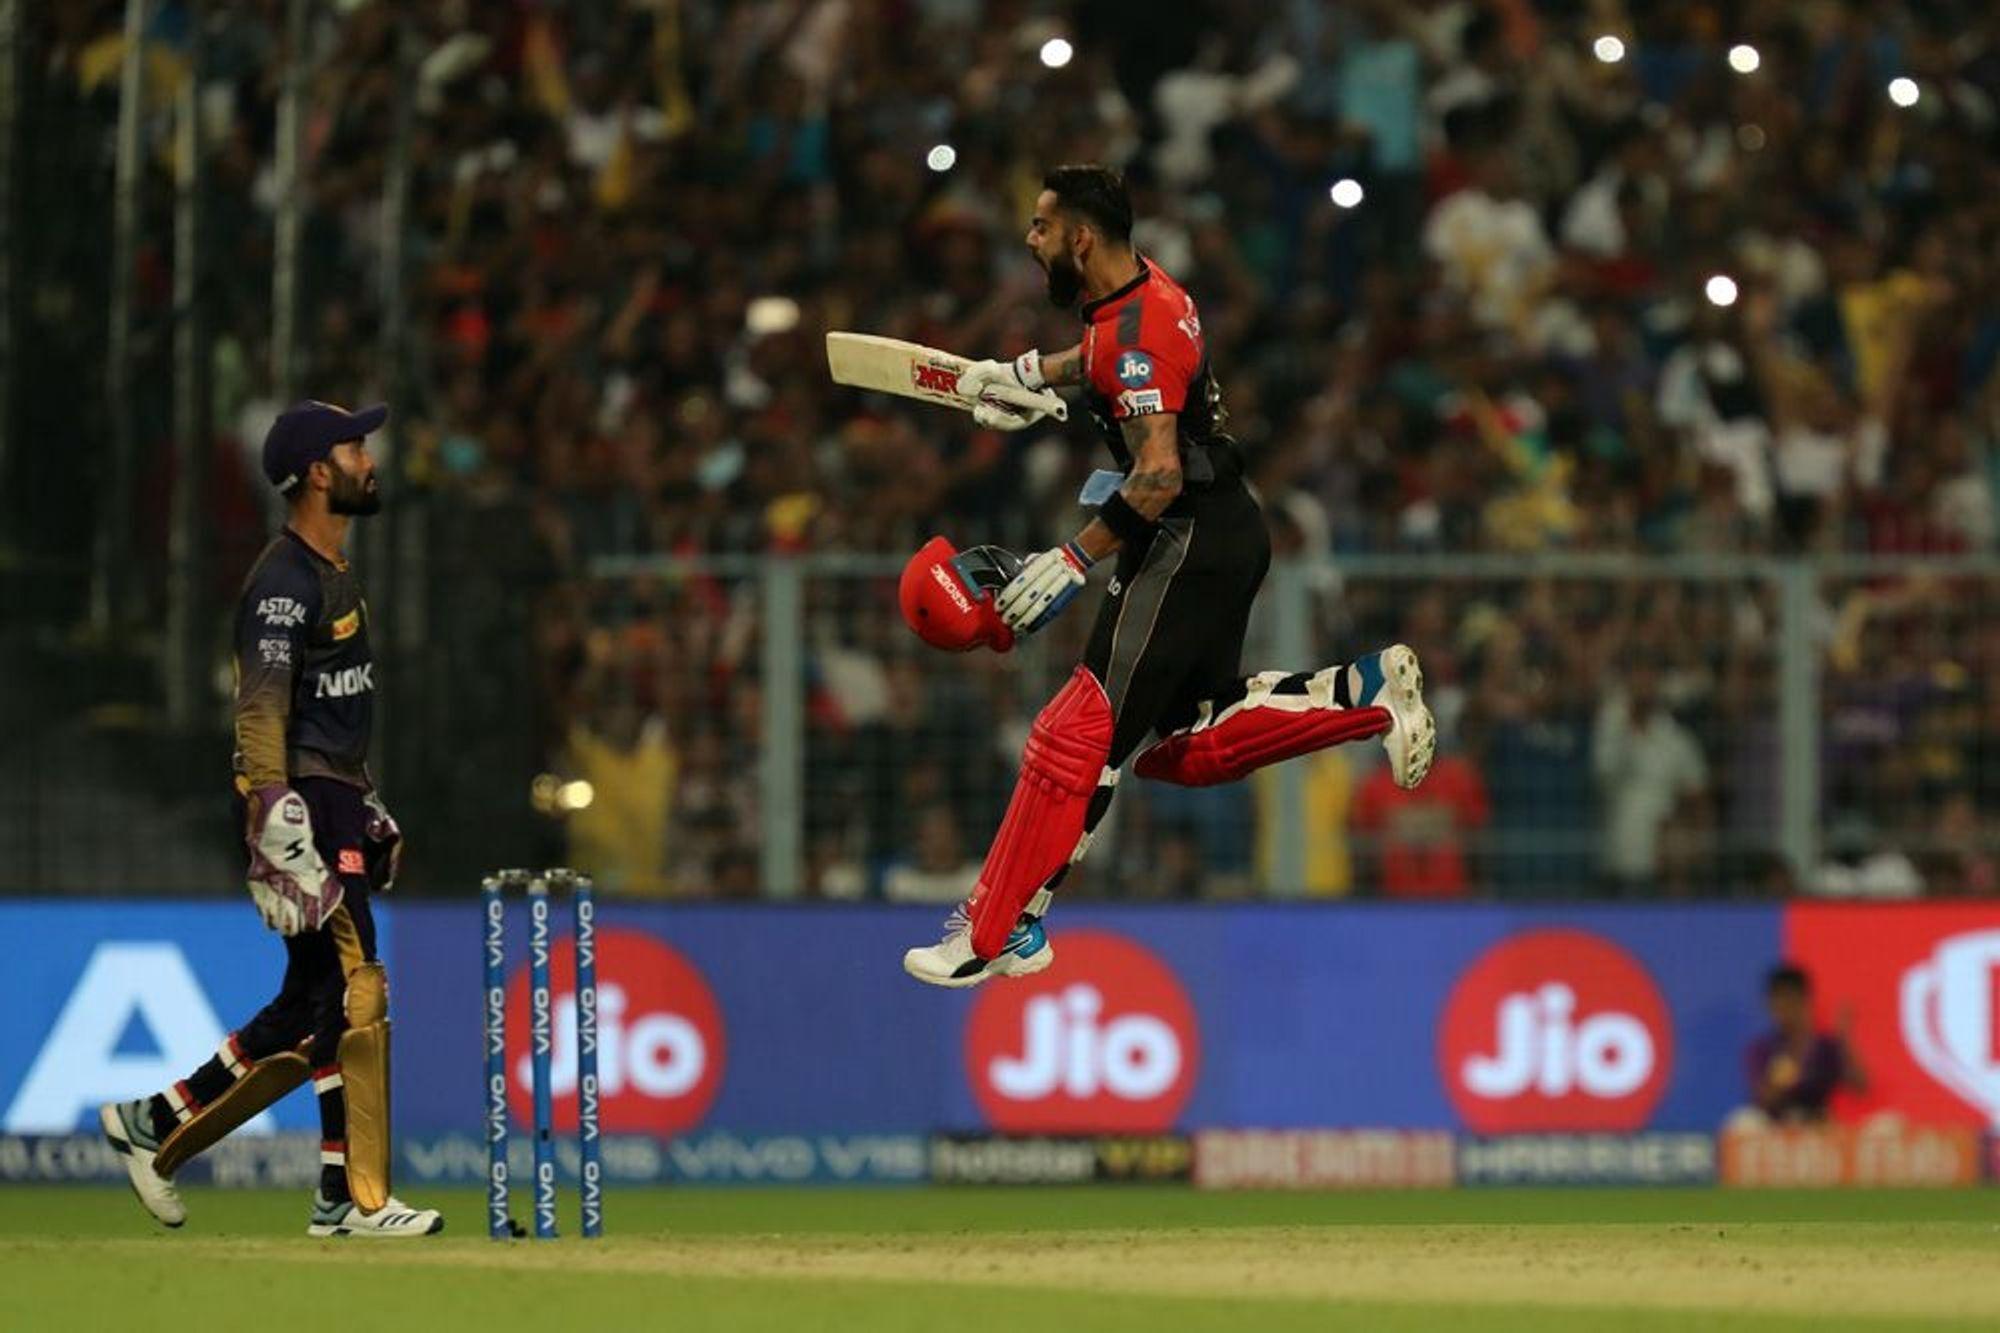 RCBvsKKR : मैच में बने 9 रिकॉर्ड, विराट कोहली ने बना डाले कई विश्व रिकॉर्ड